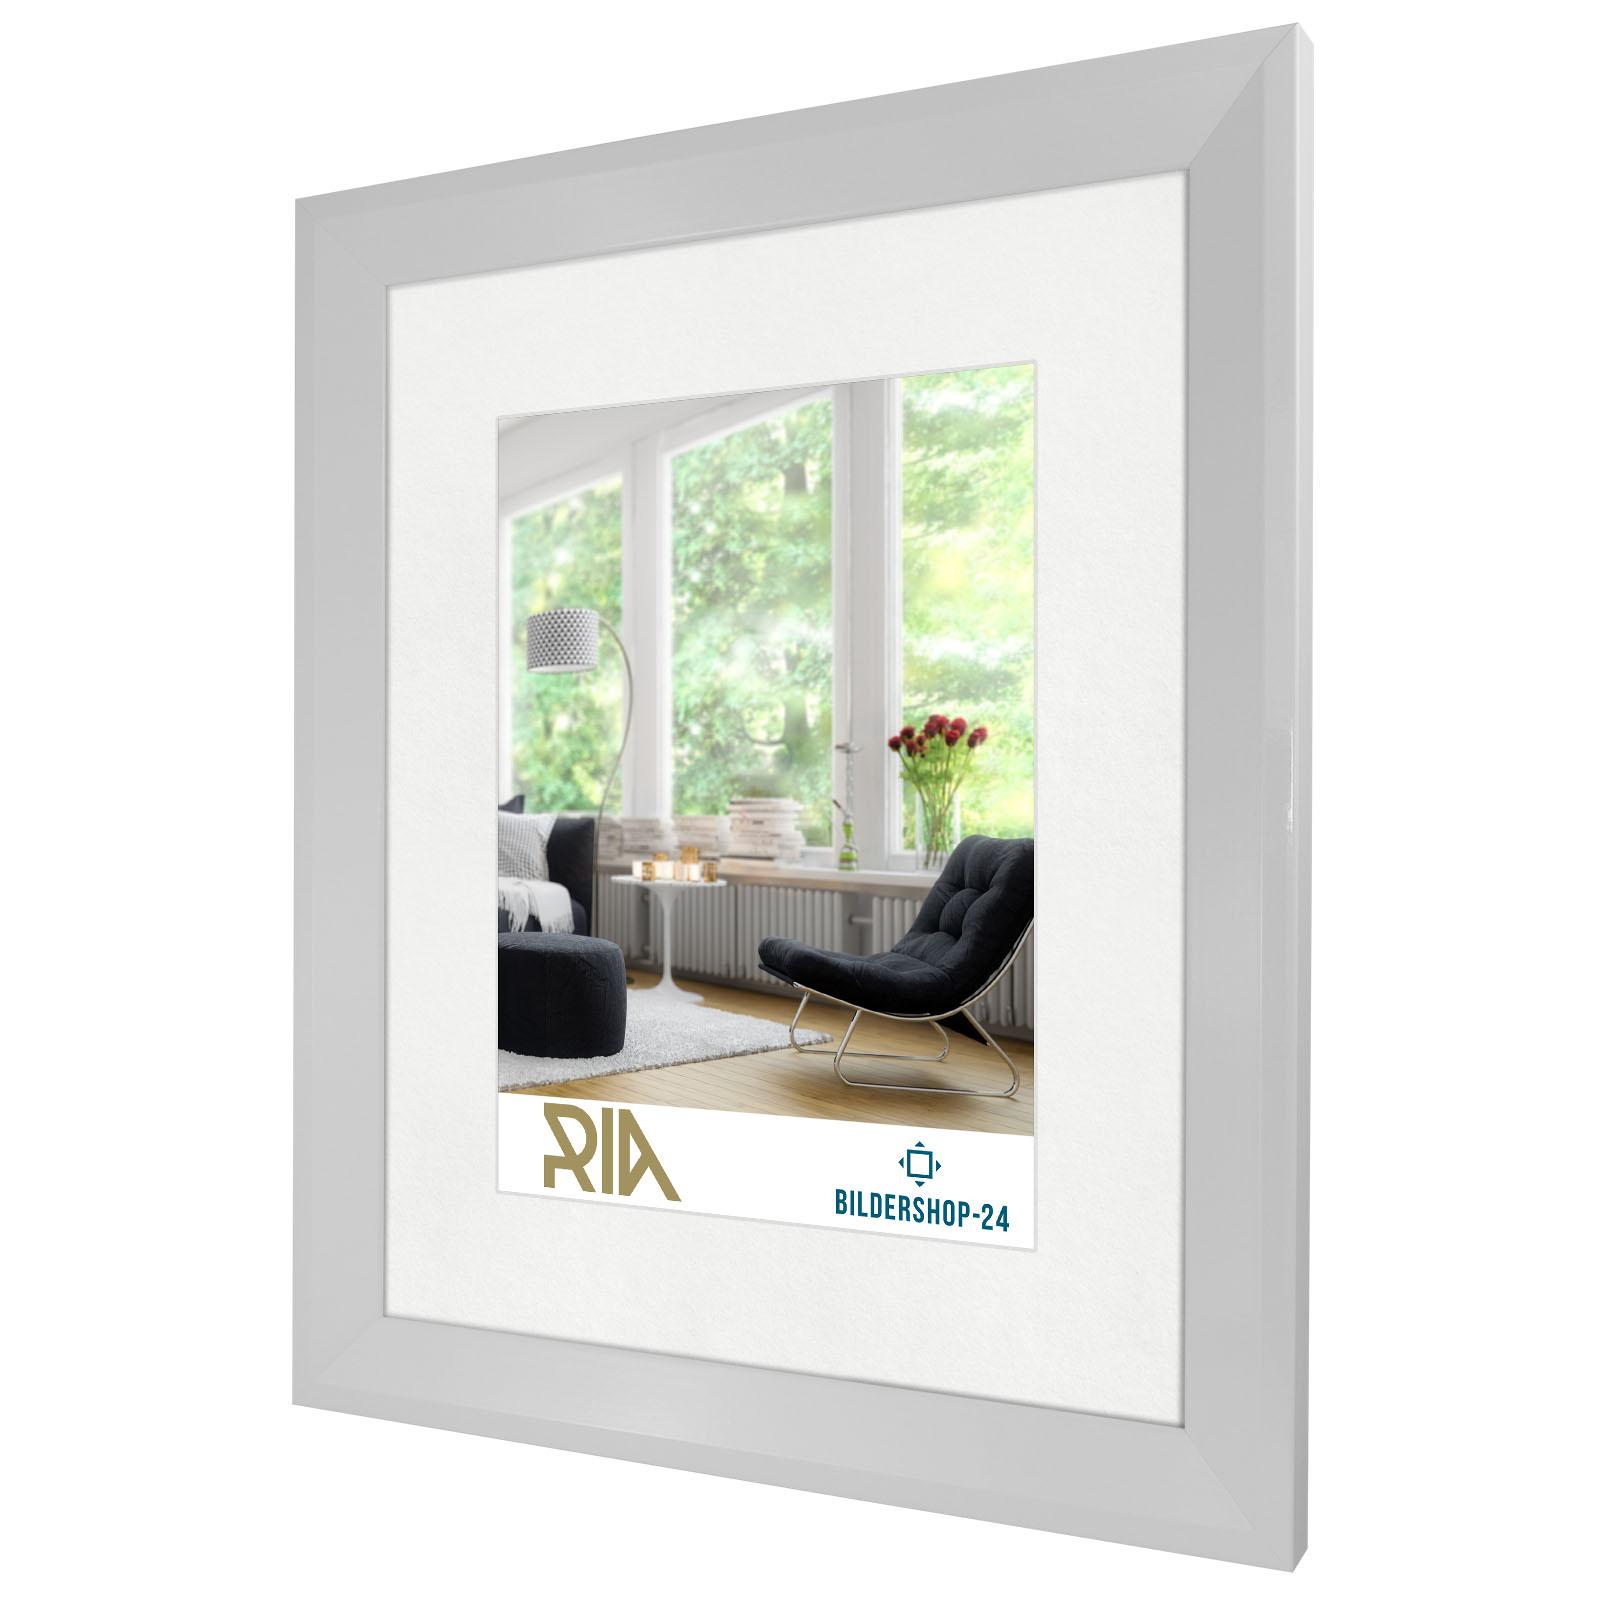 Bilderrahmen RIA 30 X 90 in 10 Farben MDF Foto Poster Wechsel ...